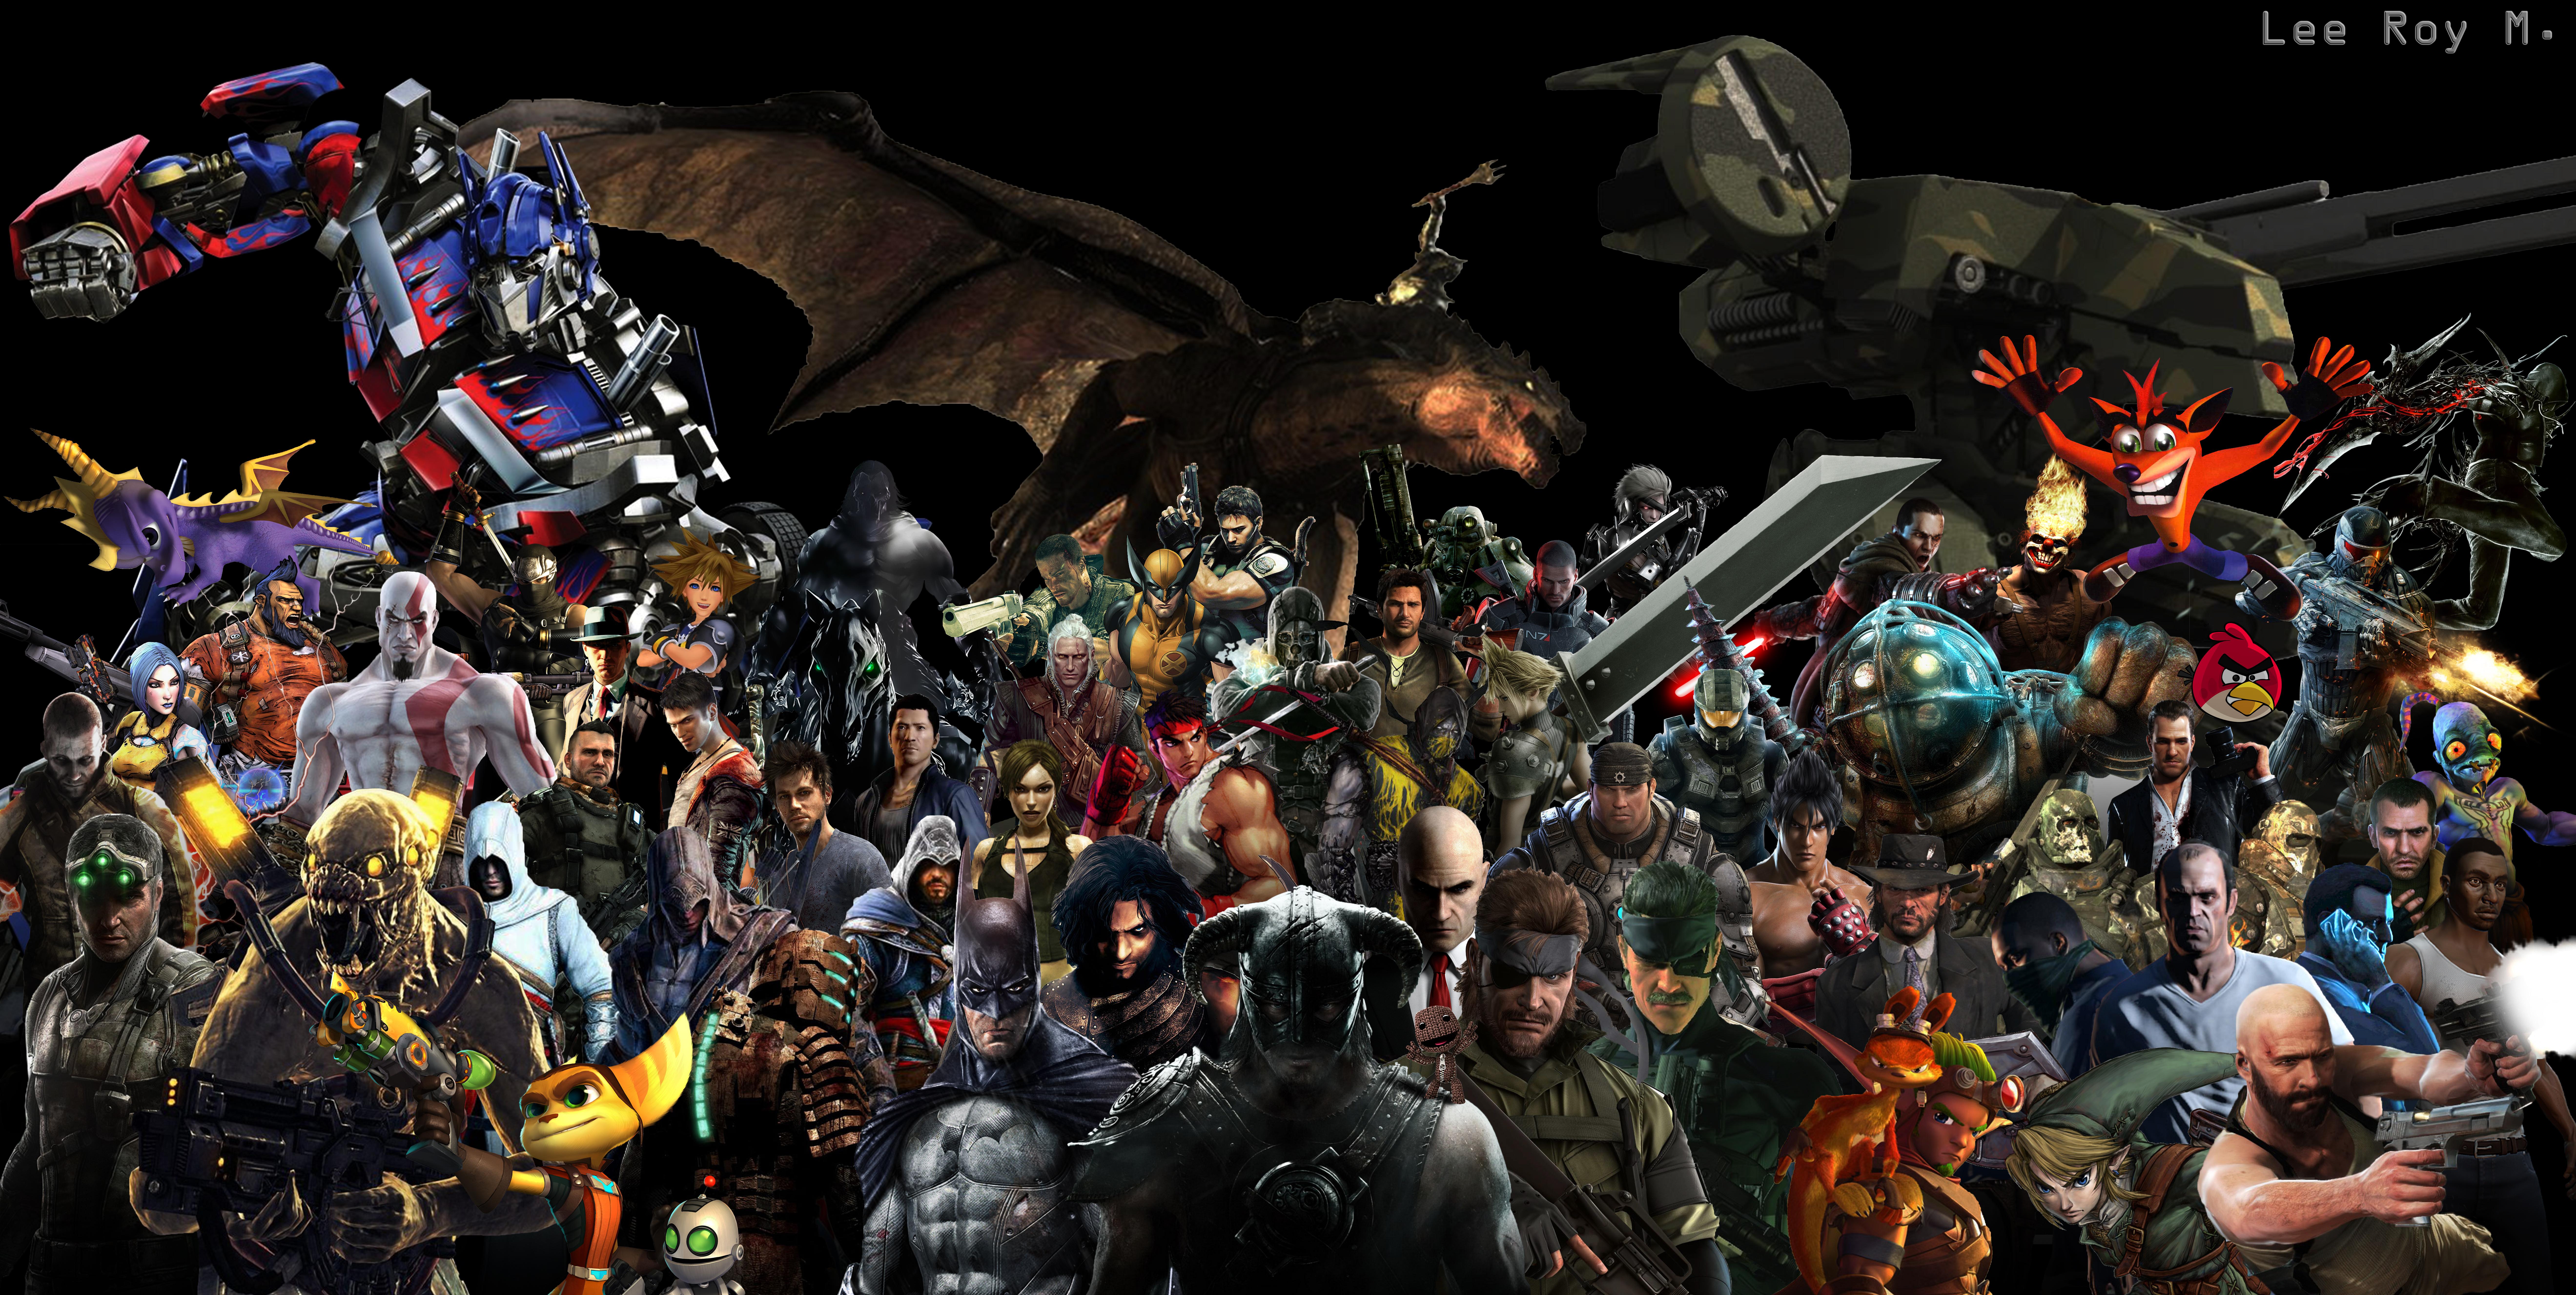 Ultimate Gamers By LeeRoyM